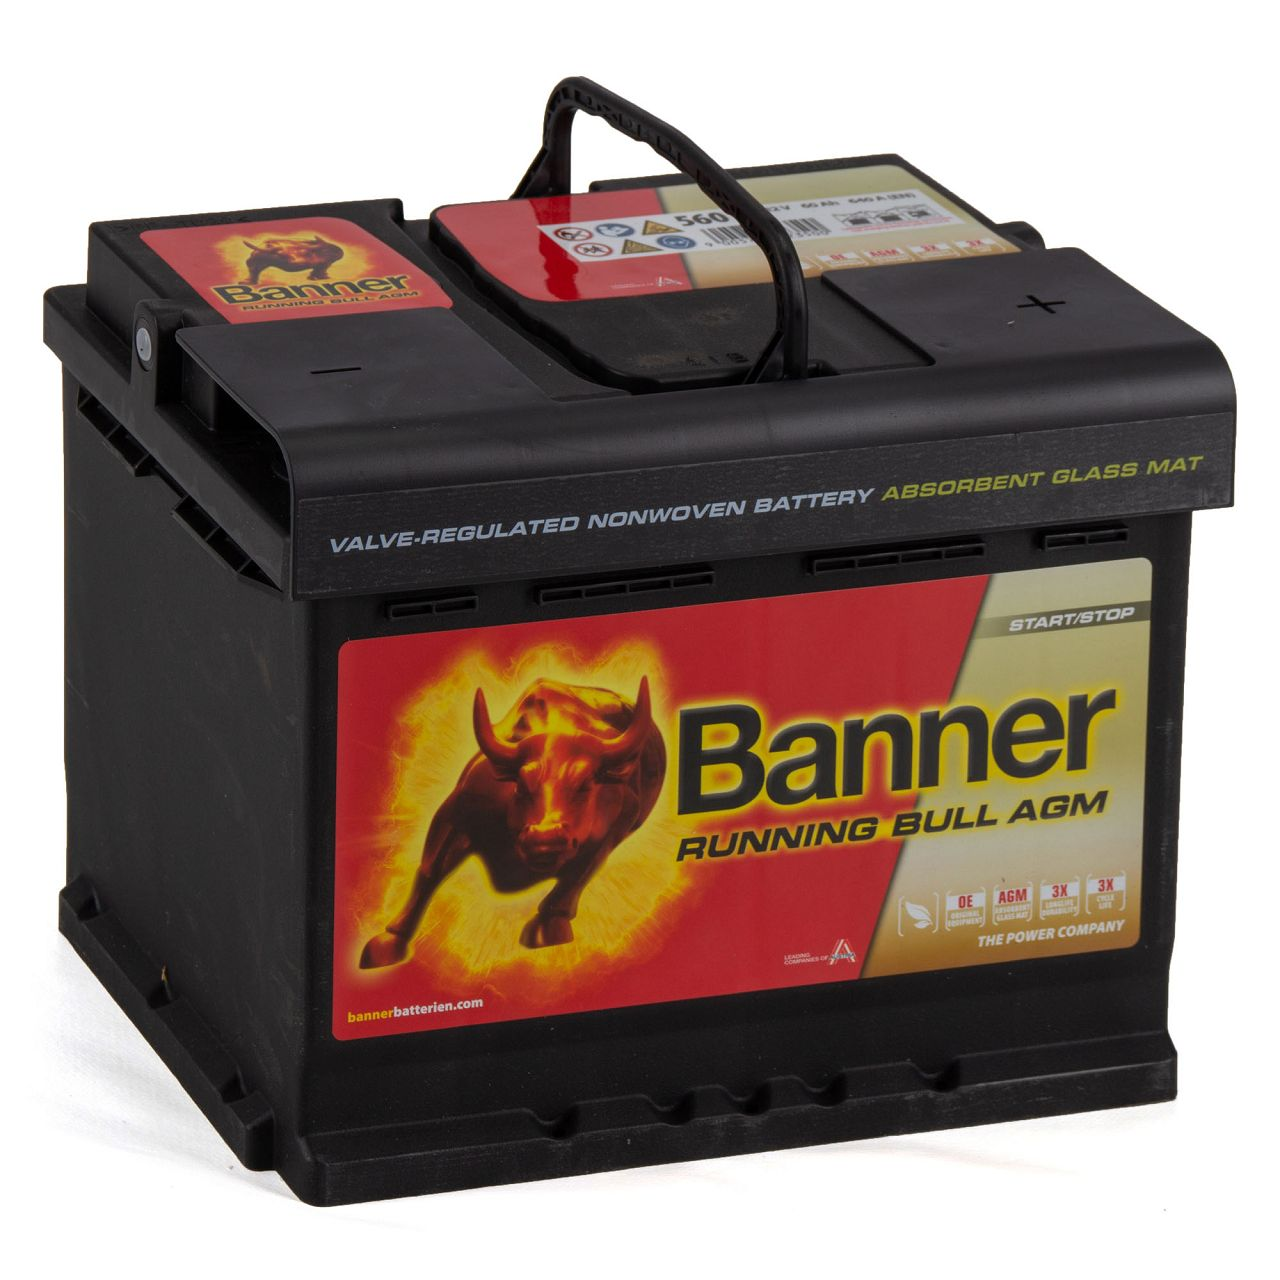 BANNER 56001 027AGMOE Running Bull AGM Autobatterie Batterie 12V 60Ah 640A